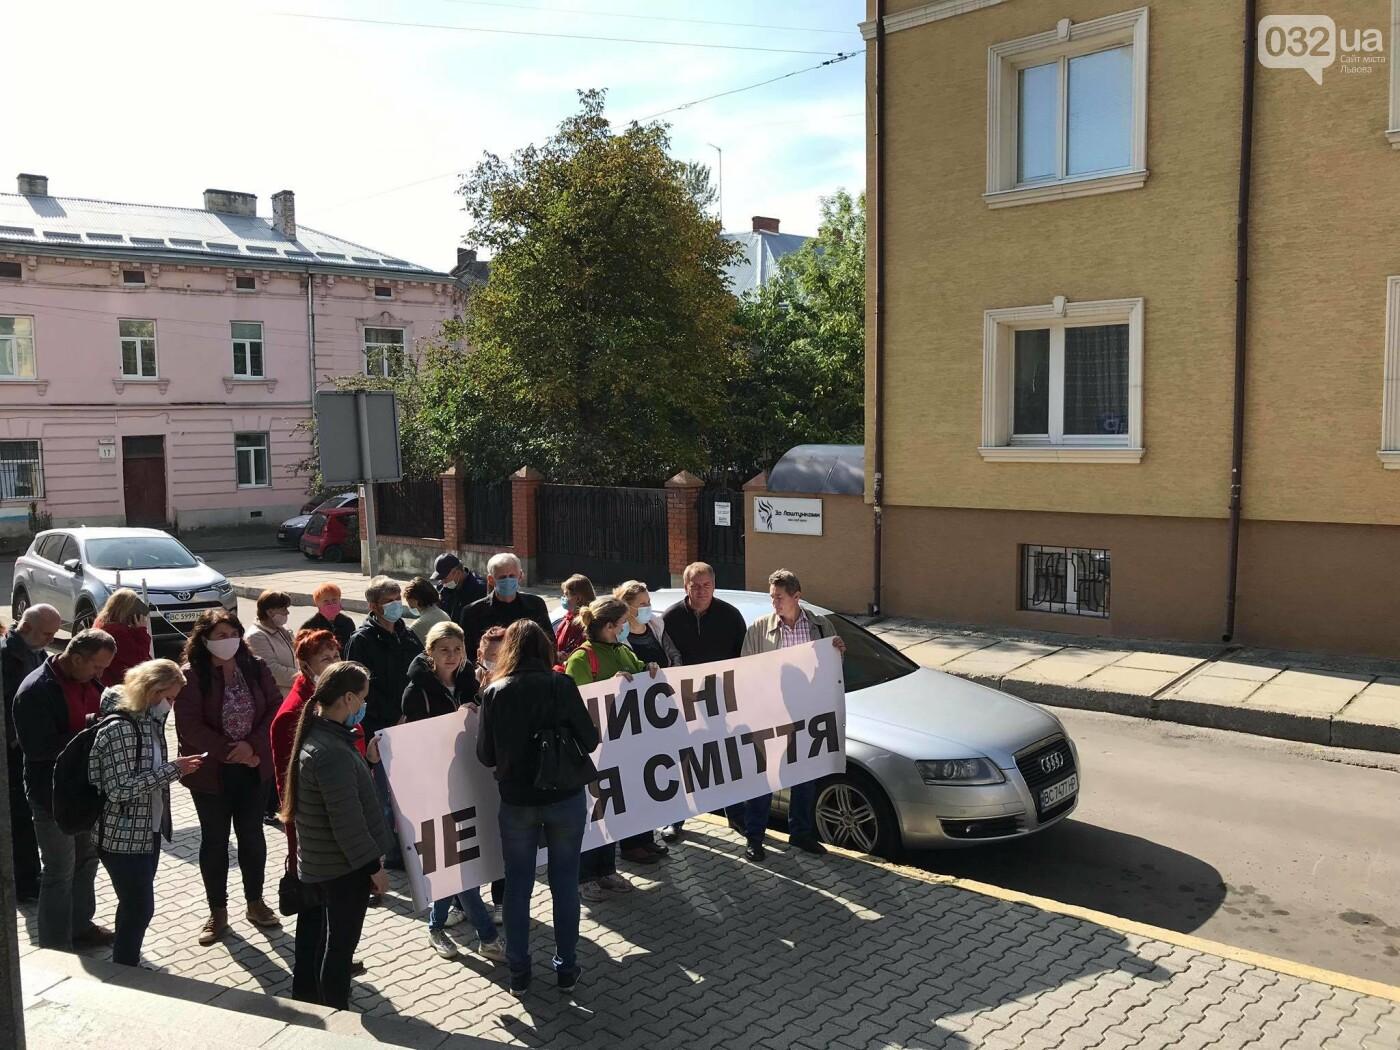 Мітинг львівських активістів проти будівництва сміттєпереробного заводу на Пластовій. Фото - 032.ua